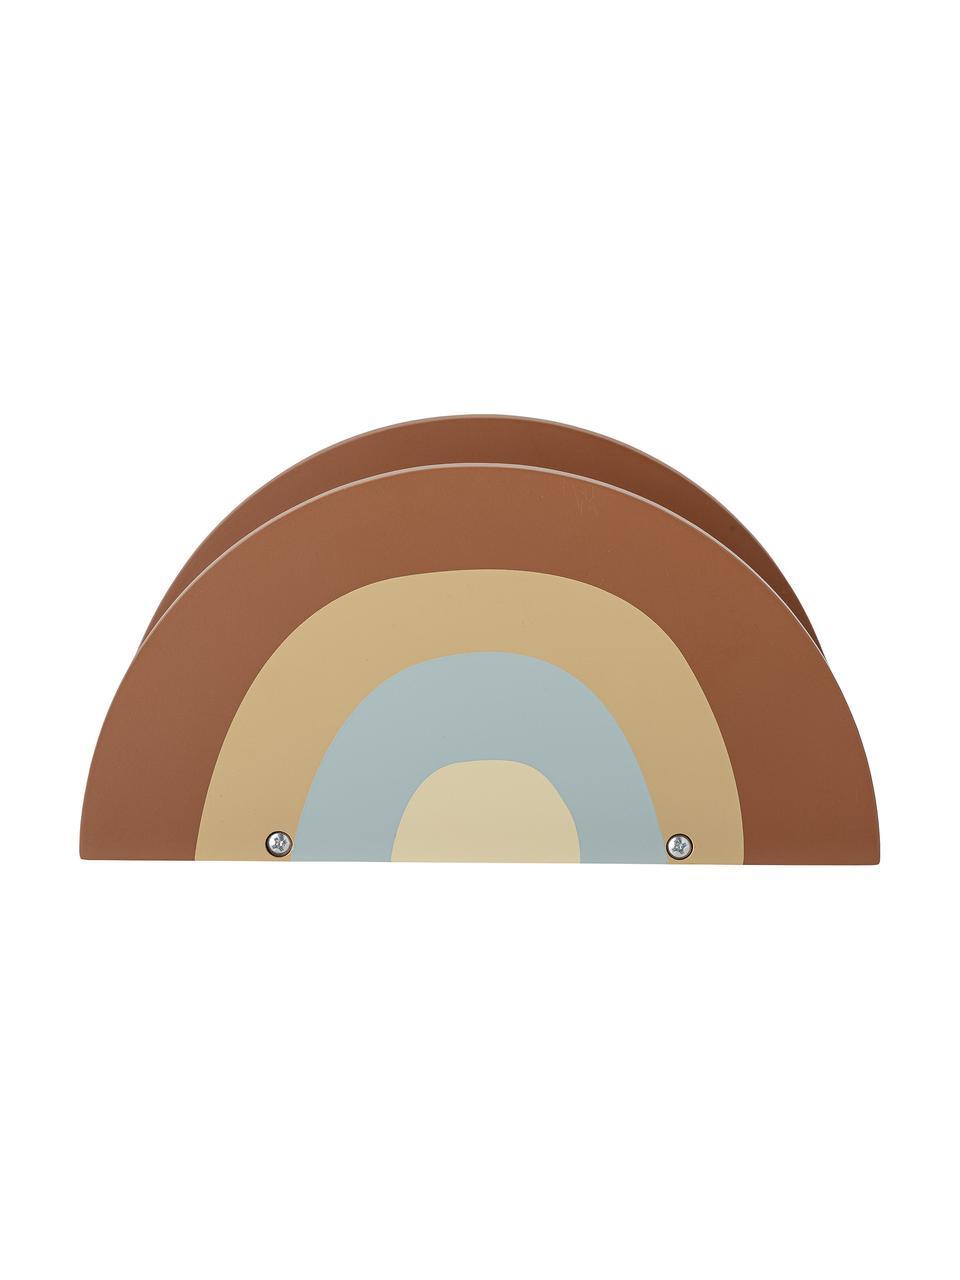 Bücher-Regal Dave, Mitteldichte Holzfaserplatte (MDF), Braun, Gellb, Blau, 24 x 12 cm